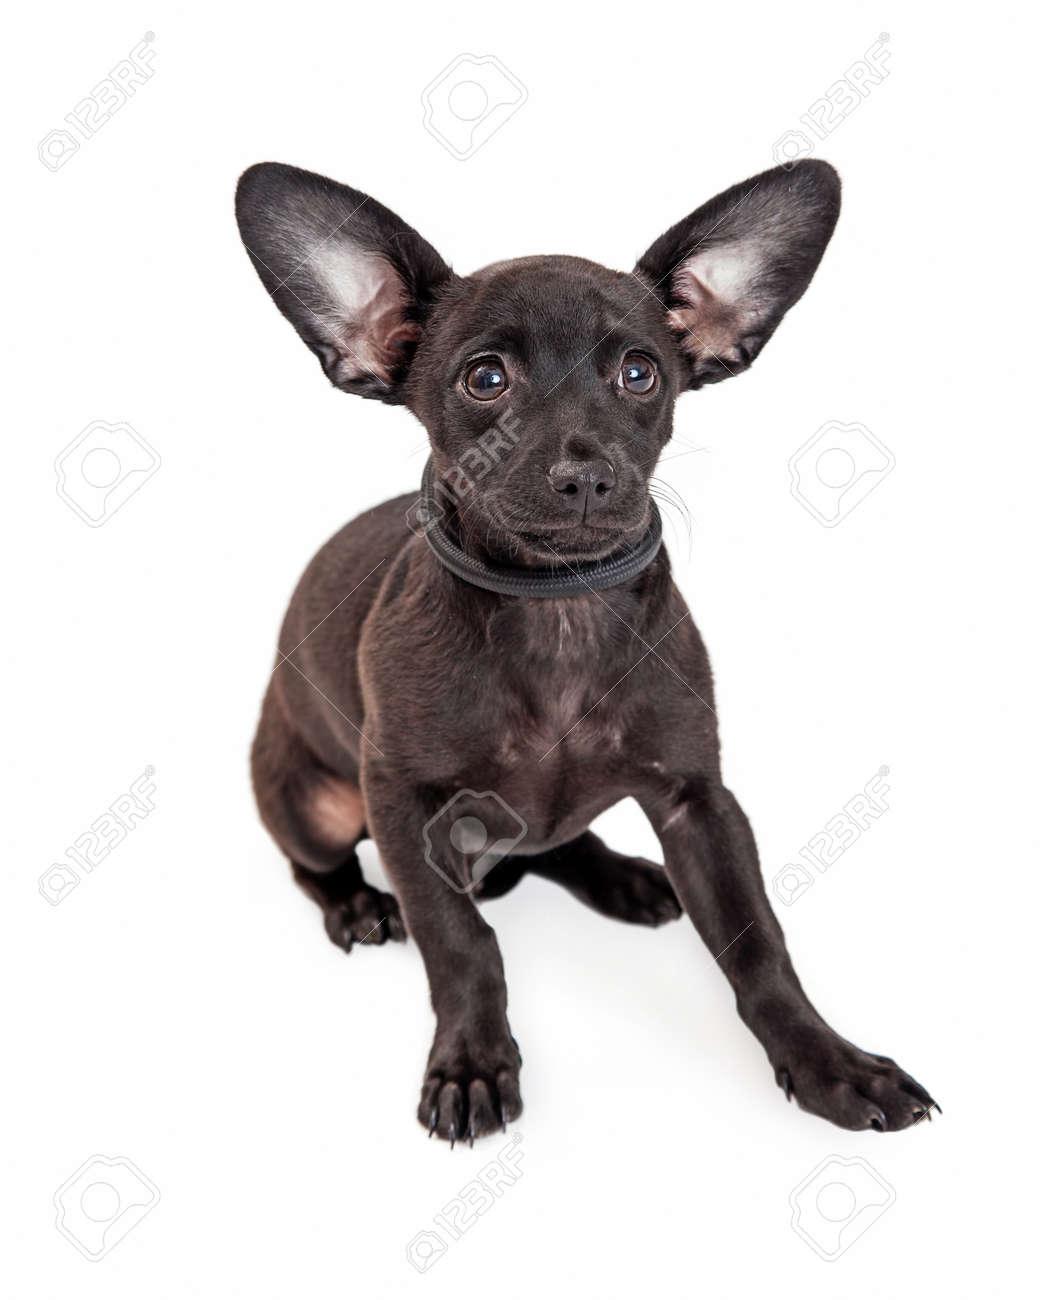 Immagini Stock Carino Chihuahua Razza Mista Due Mesi Di Età